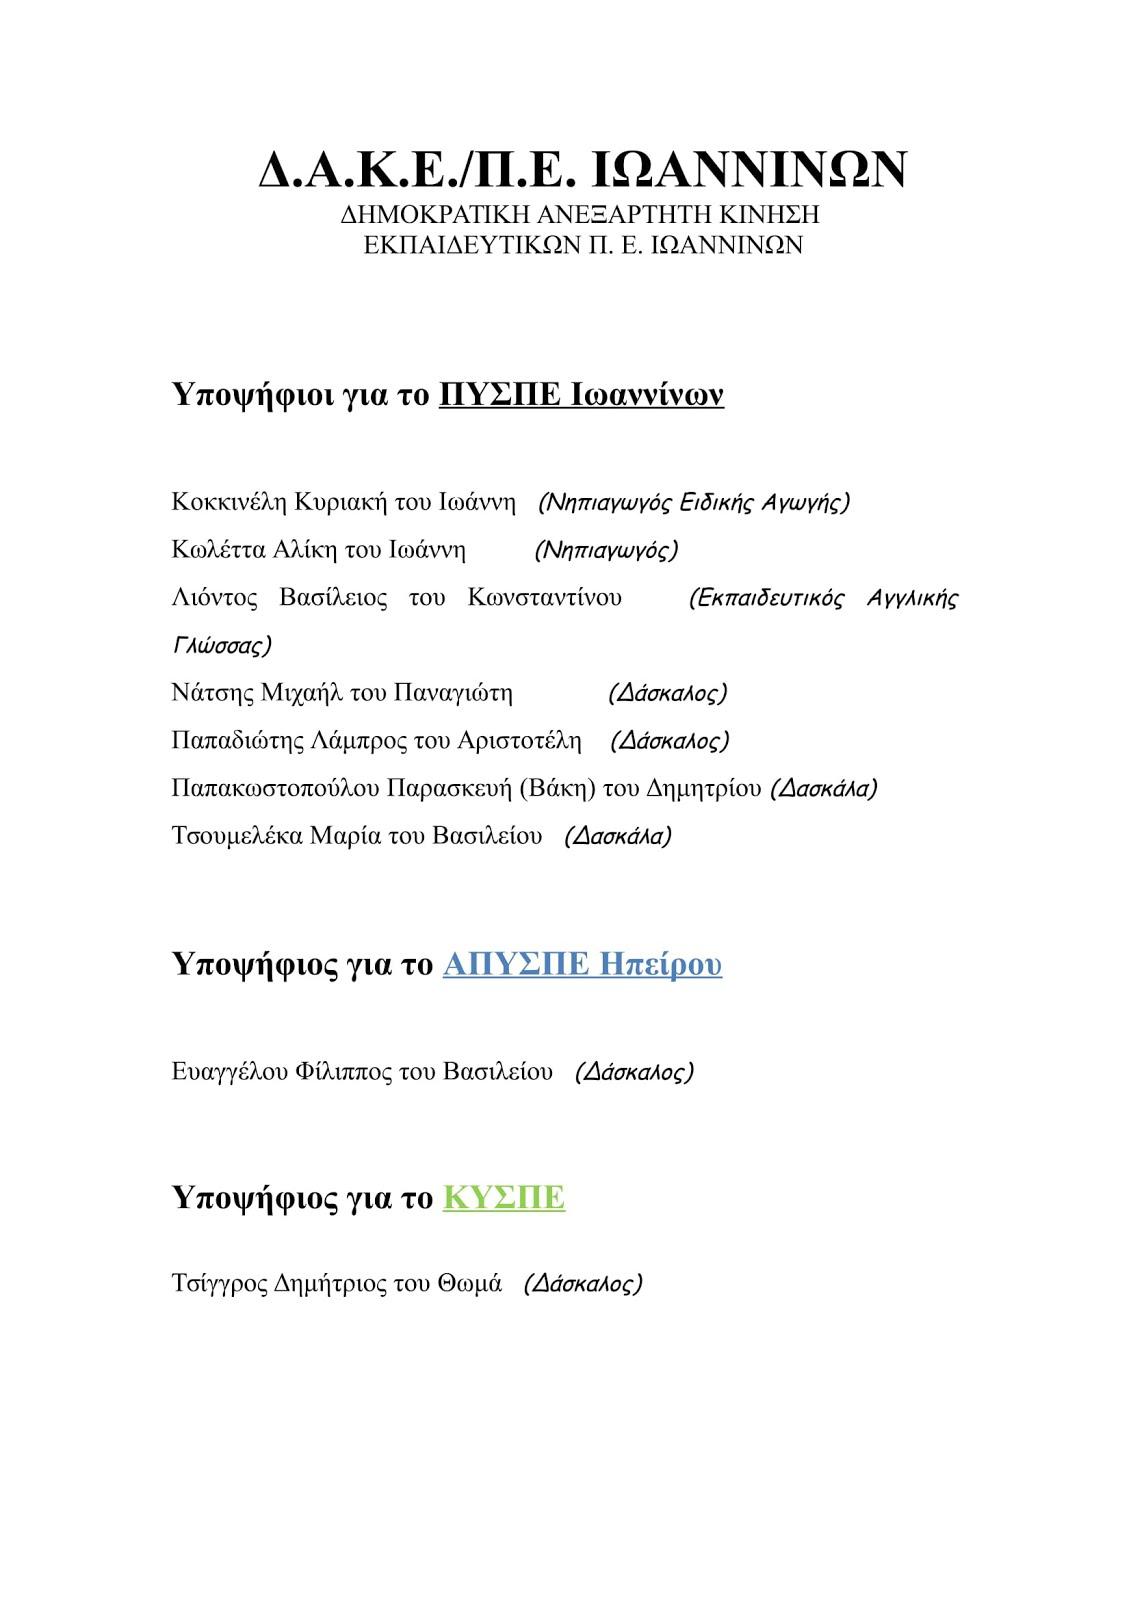 ΥΠΟΨΗΦΙΟΙ της ΔΑΚΕ/ΠΕ ΙΩΑΝΝΙΝΩΝ για το ΠΥΣΠΕ Ιωαννίνων, ΑΠΥΣΠΕ Ηπείρου & ΚΥΣΠΕ